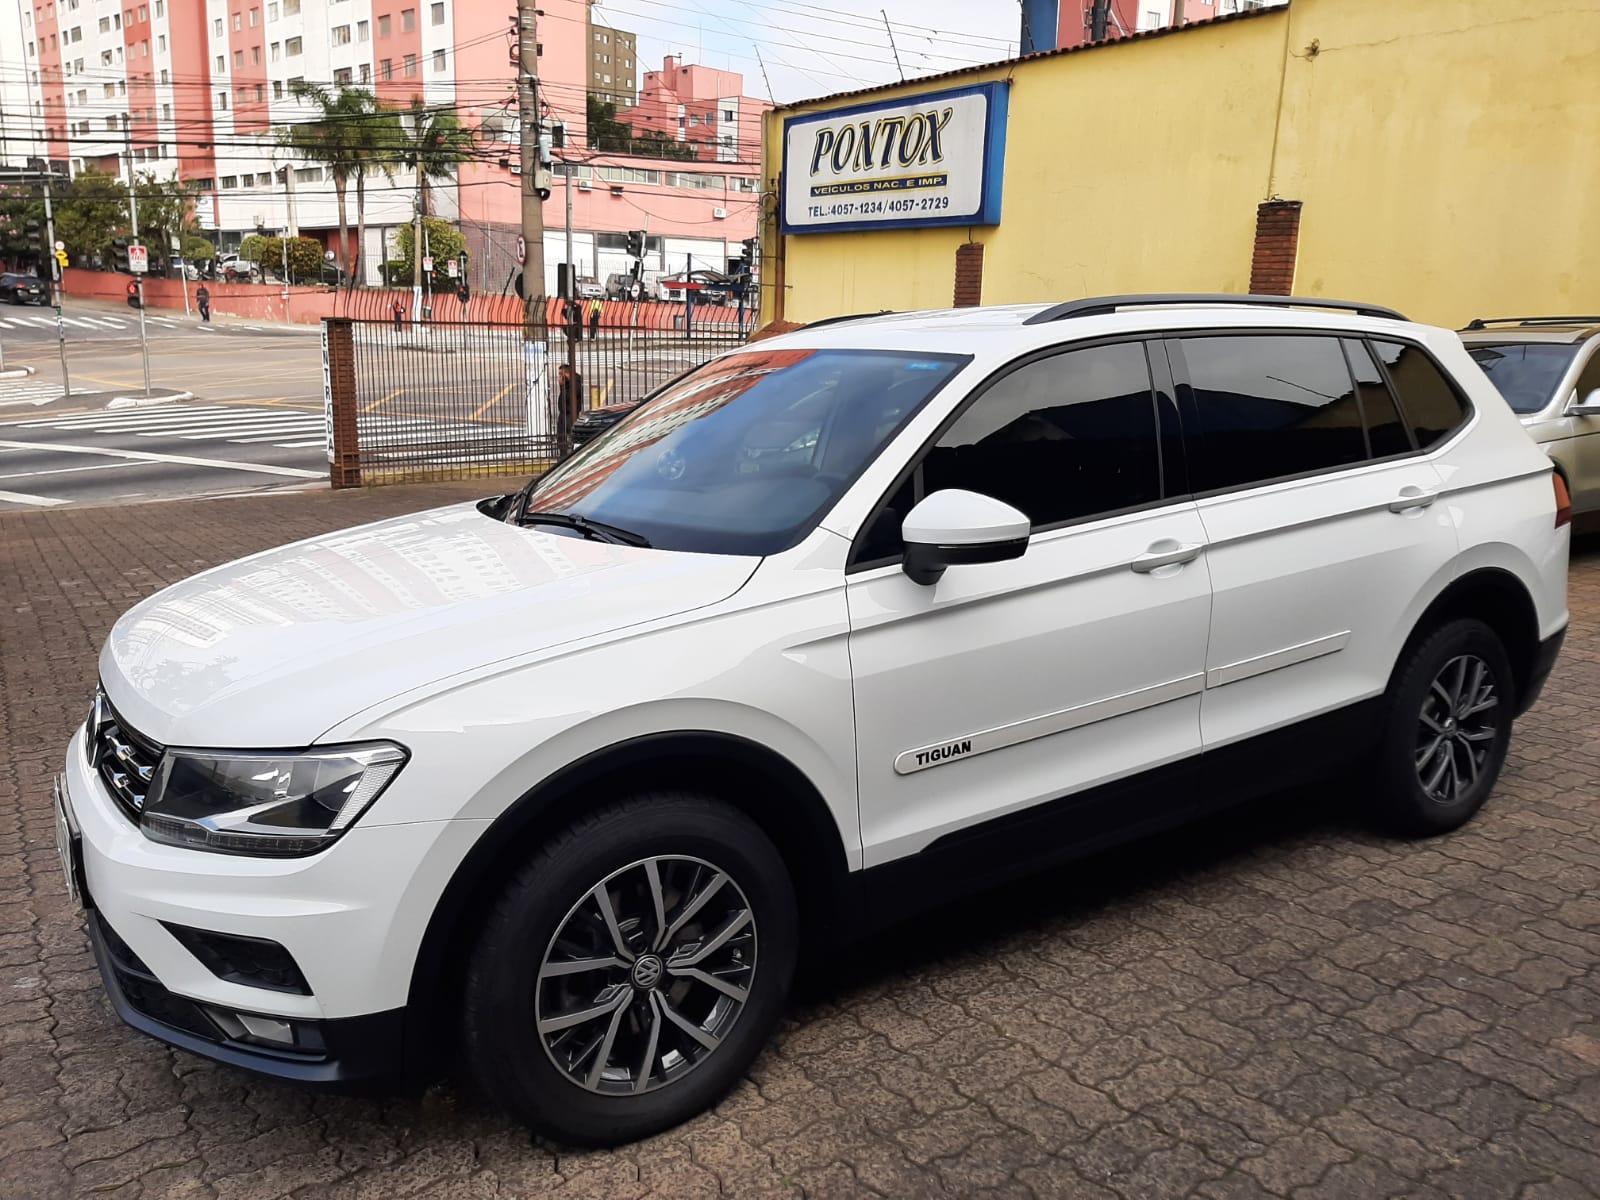 VW TIGUAN ALLSPACE 1.4 TSI AUTOMATICA , 2018/2018 , BAIXA KM , TODA ORIGINAL